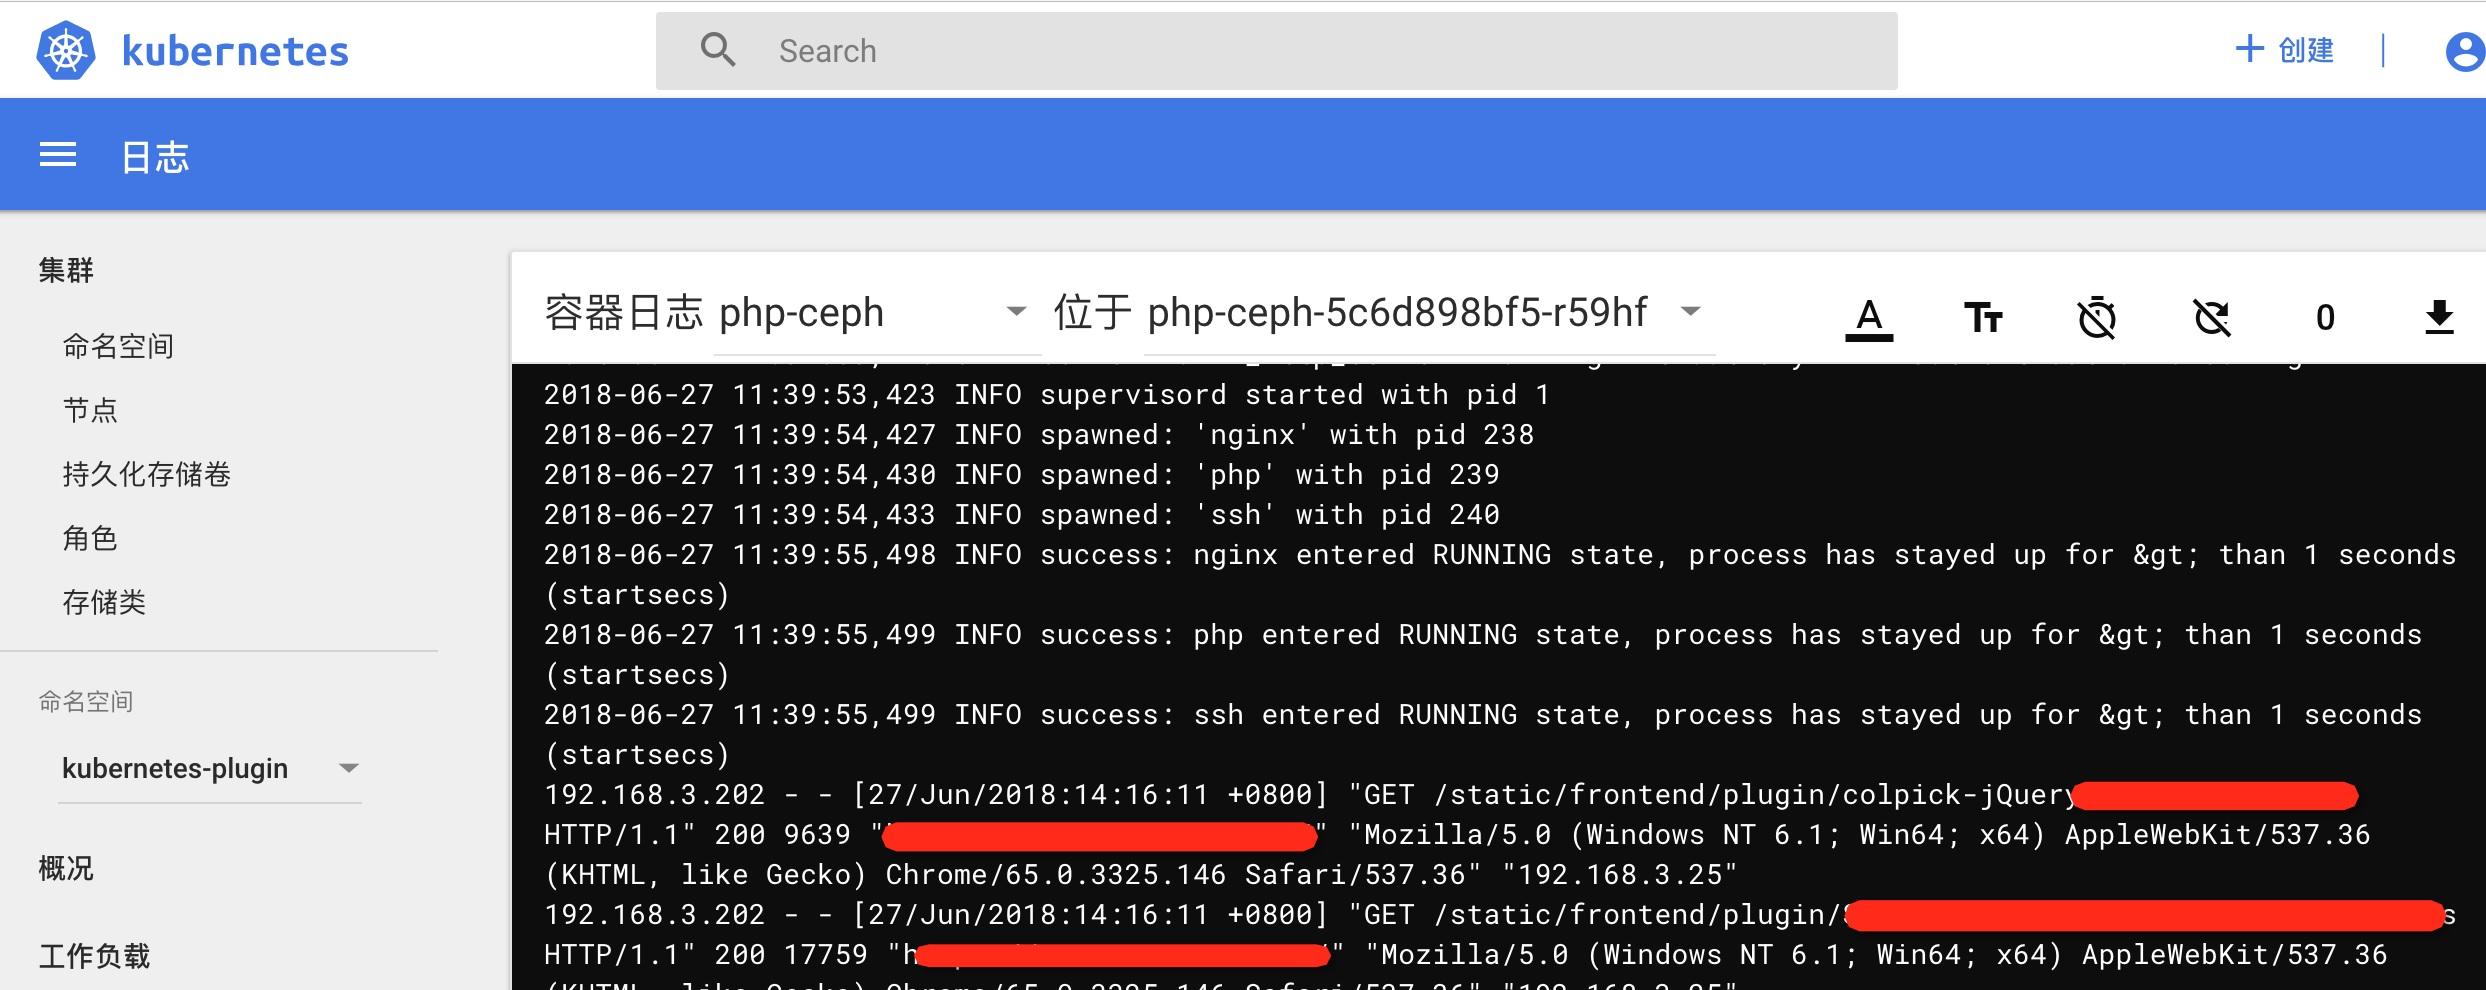 Docker 容器中Supervisor守护进程配置管理并在前台输出日志(前台输出